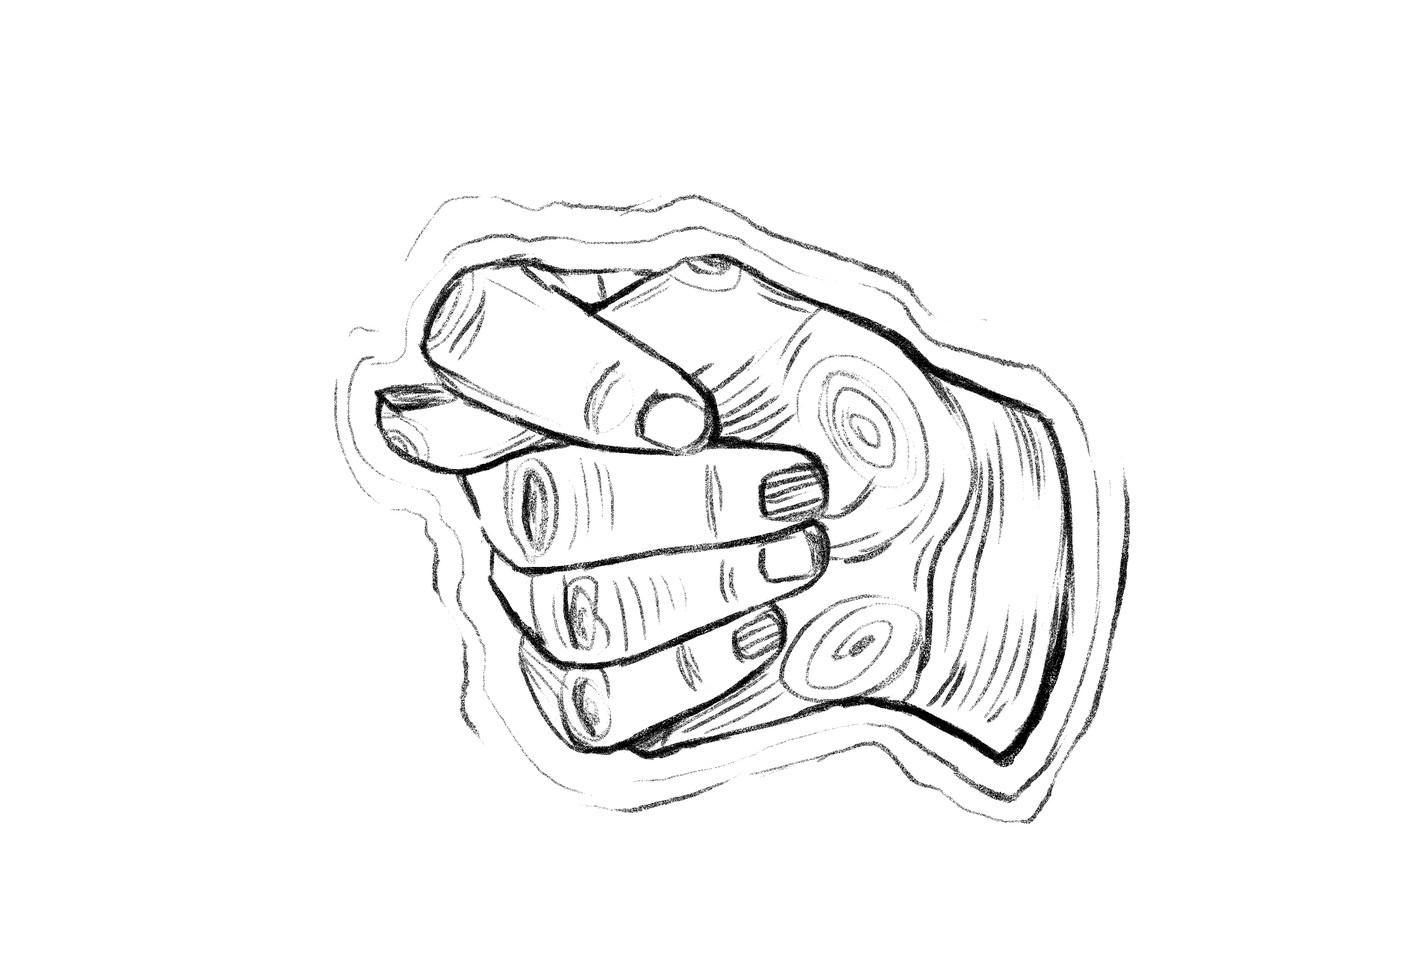 Открытка для, рисунок фига из пальцев смешная